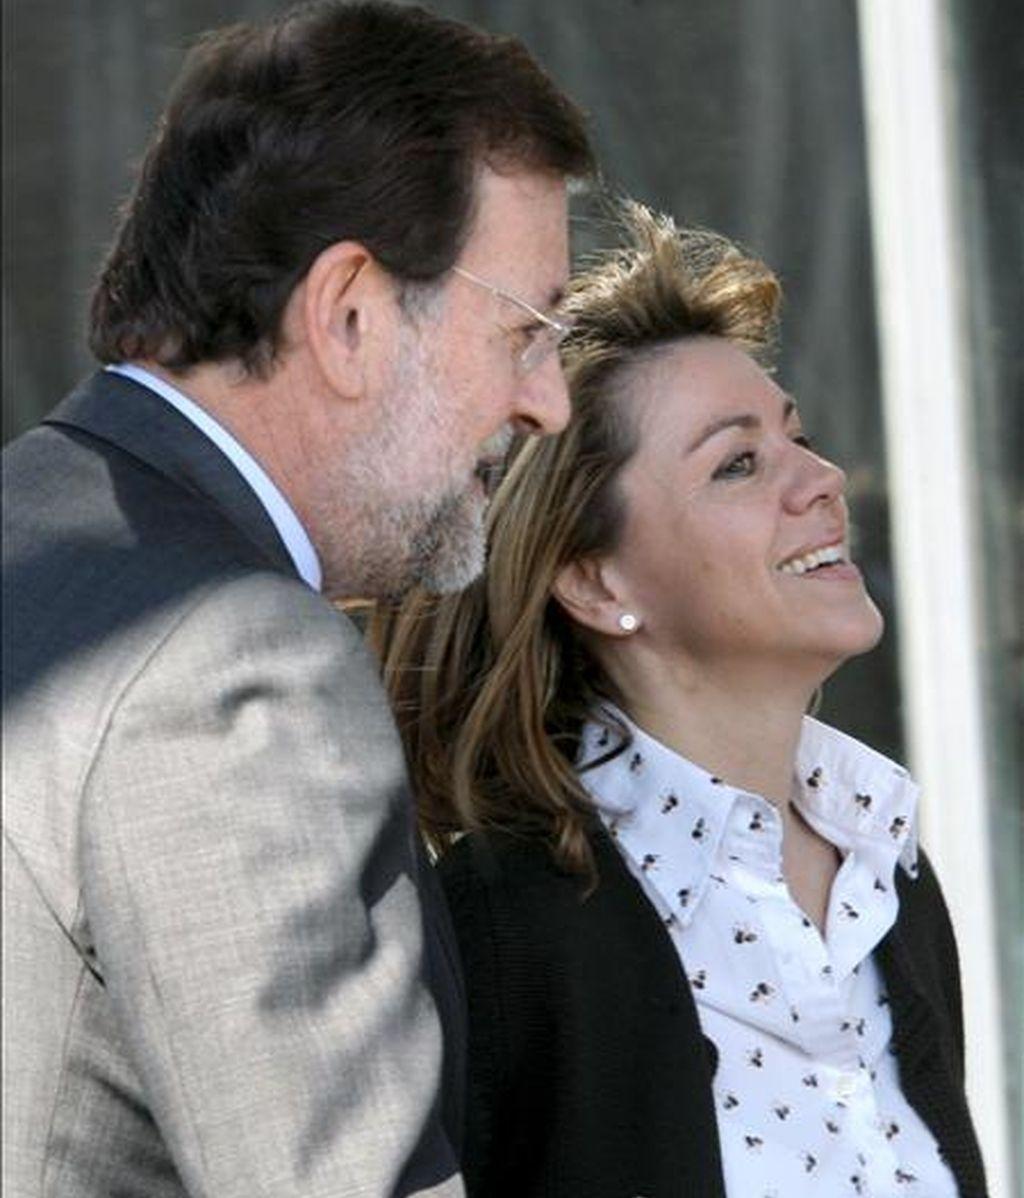 En la imagen, el líder del PP, Mariano Rajoy, junto a la secretaria general del partido, María Dolores de Cospedal, a su llegada a la reunión de la Junta Directiva del Partido Popular. EFE/Archivo